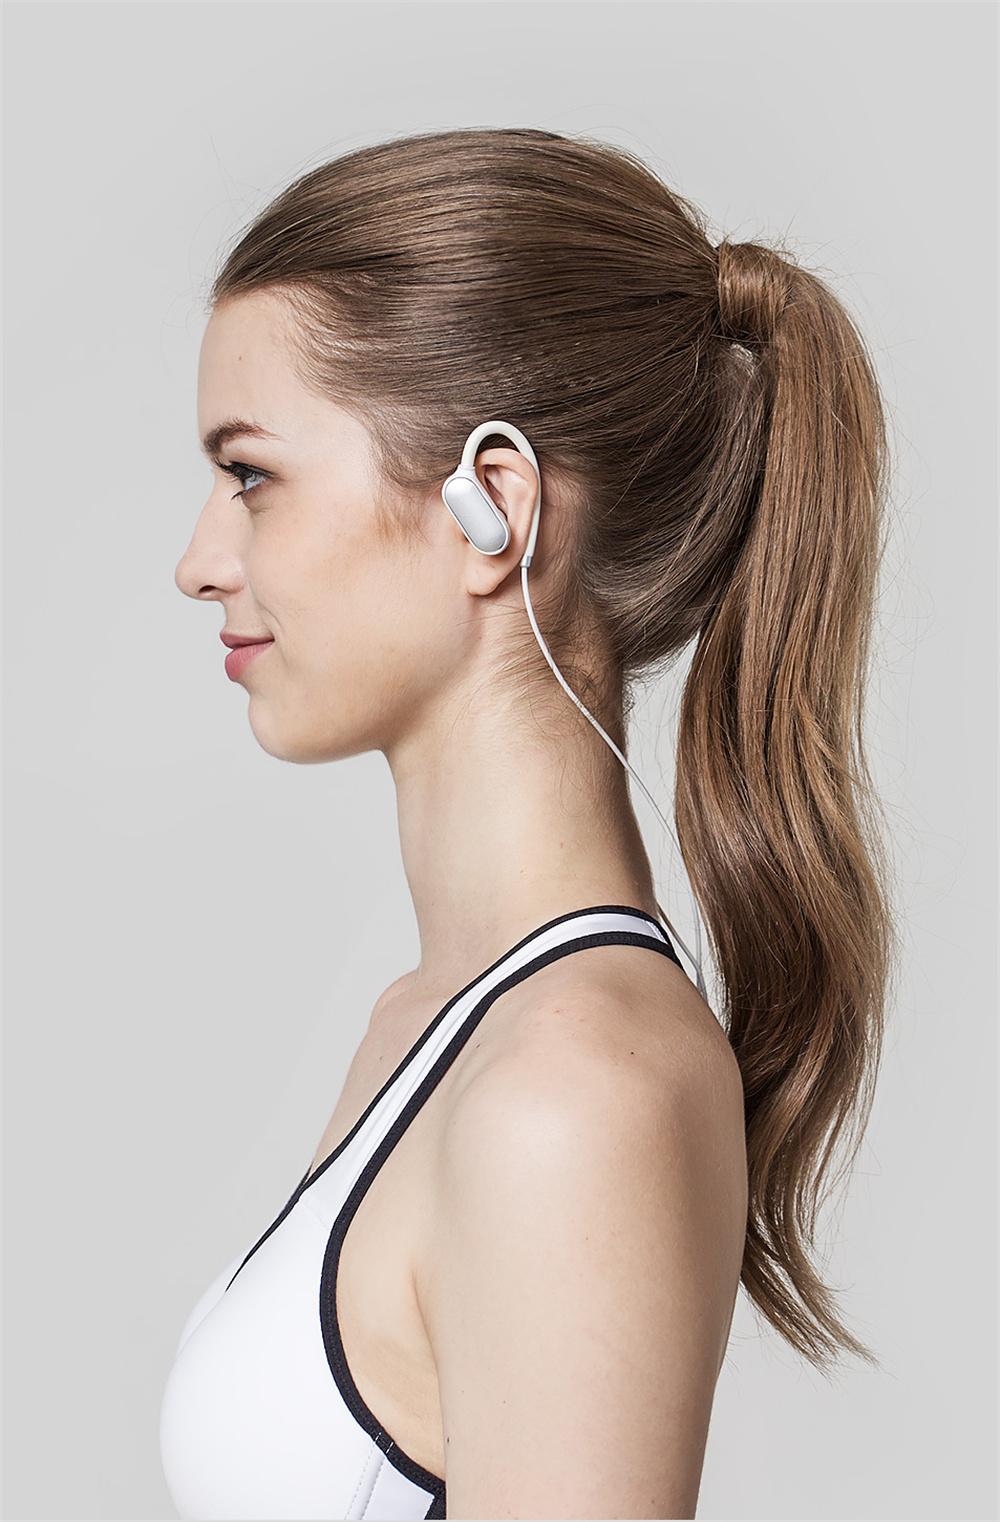 iaomi Mi Sports Bluetooth Headset16